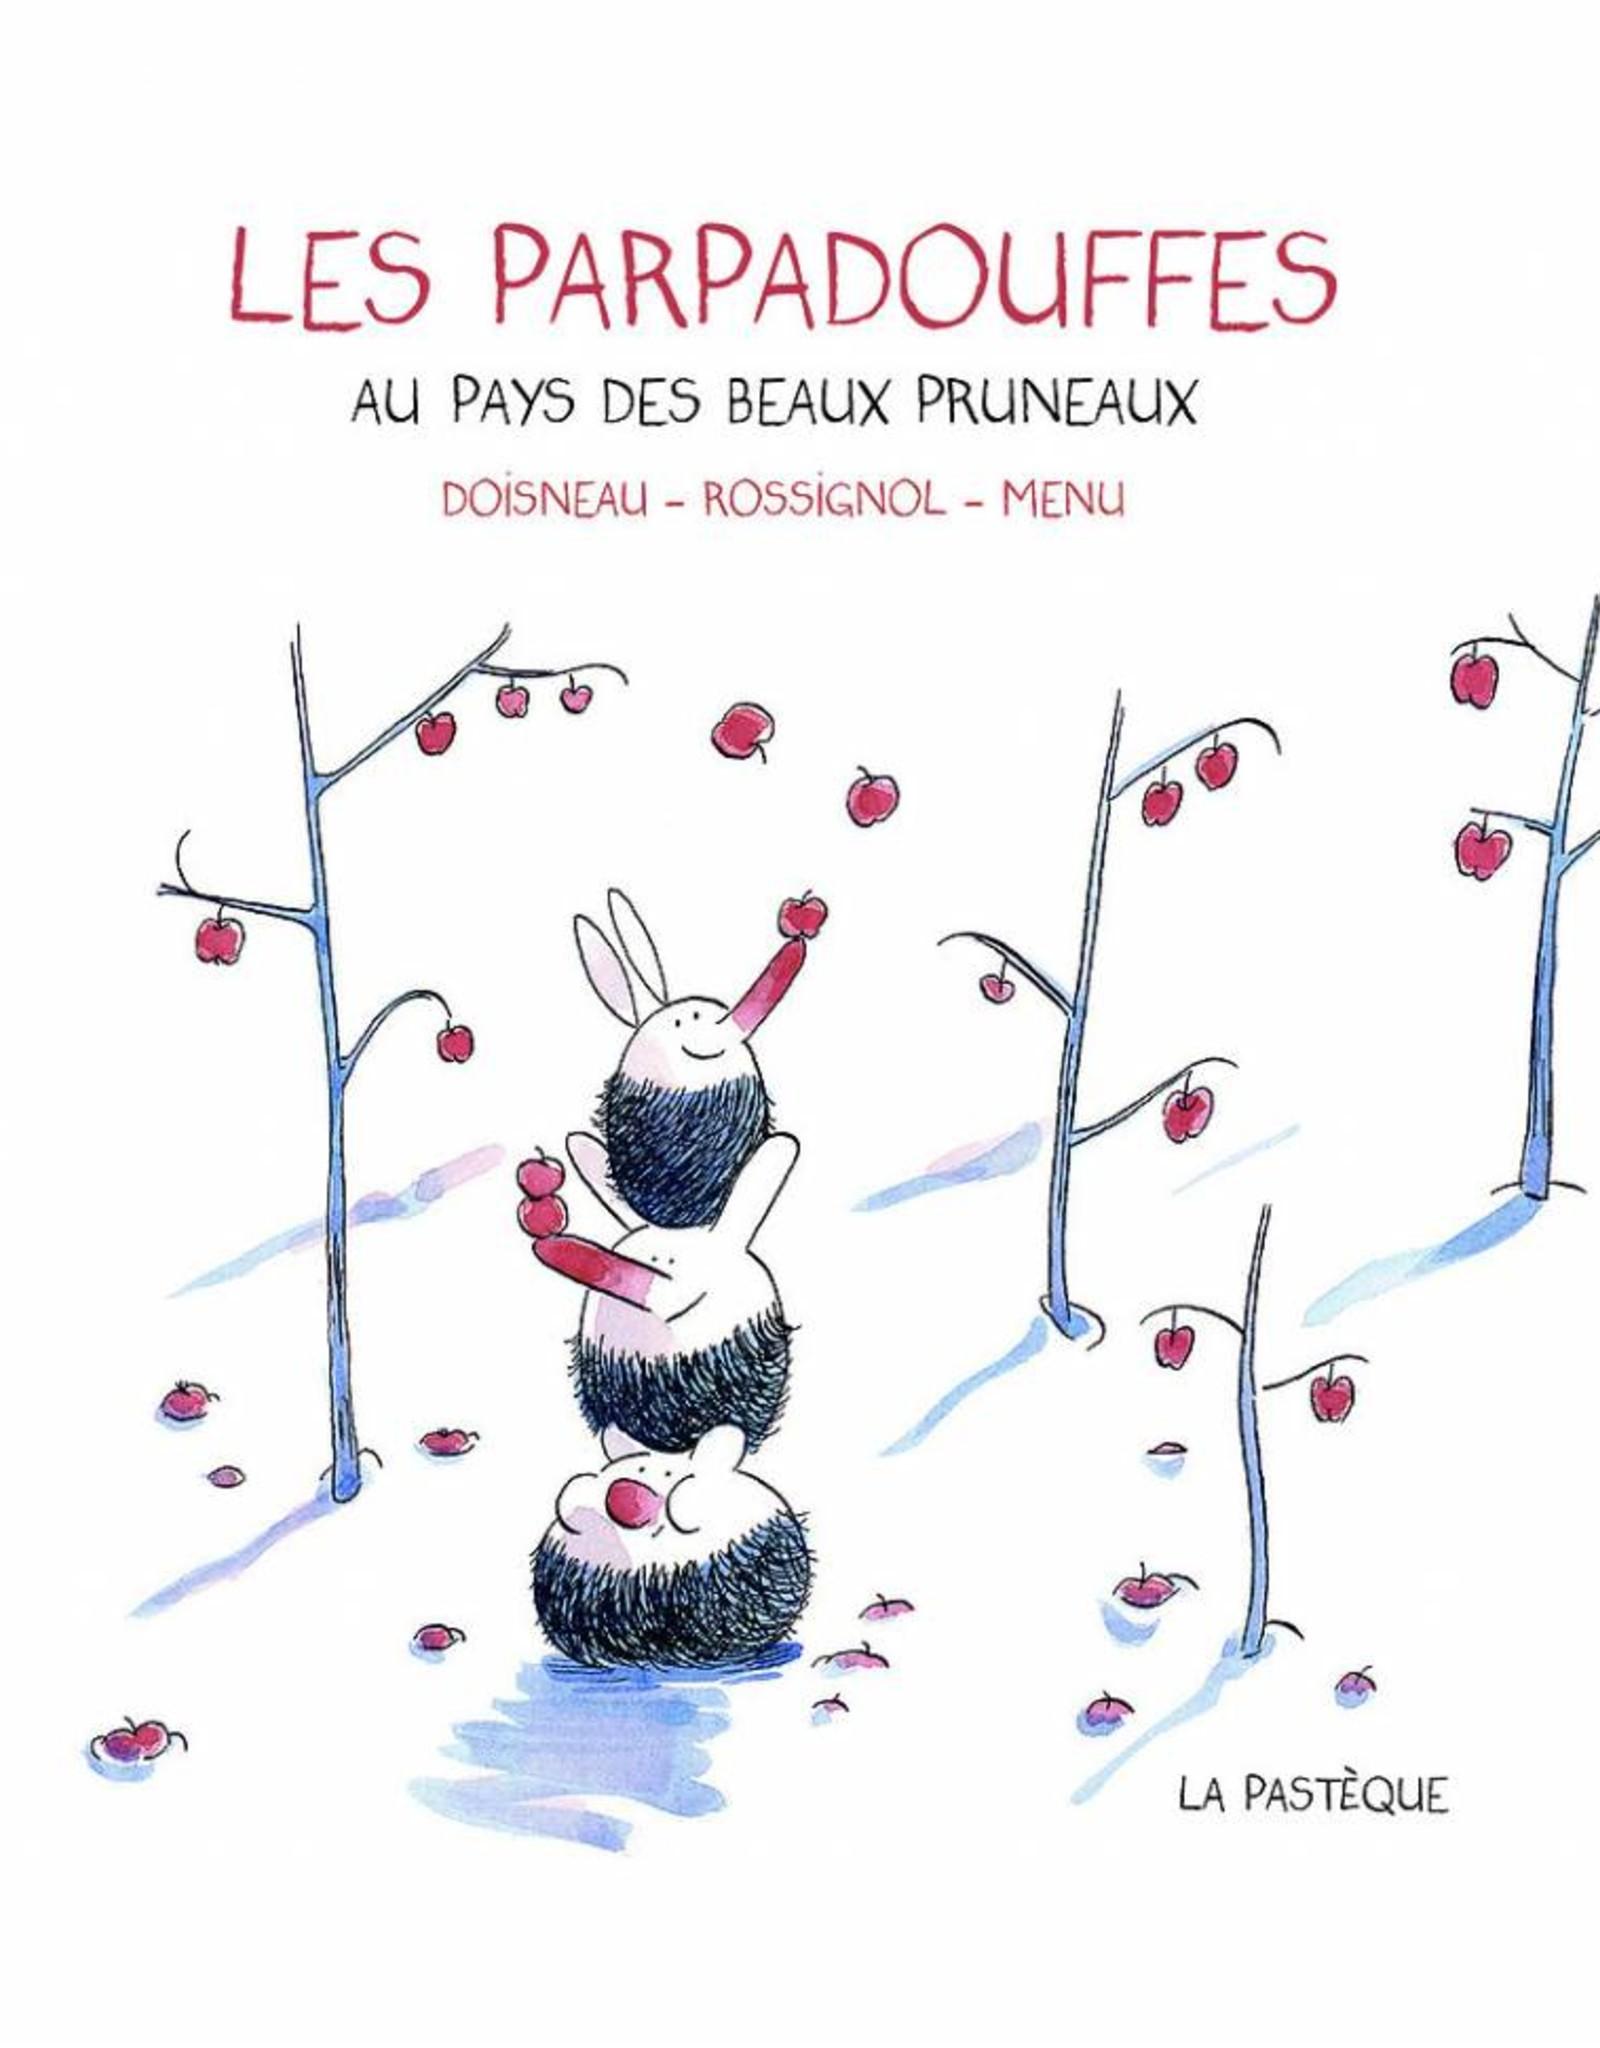 Les Parpadouffes